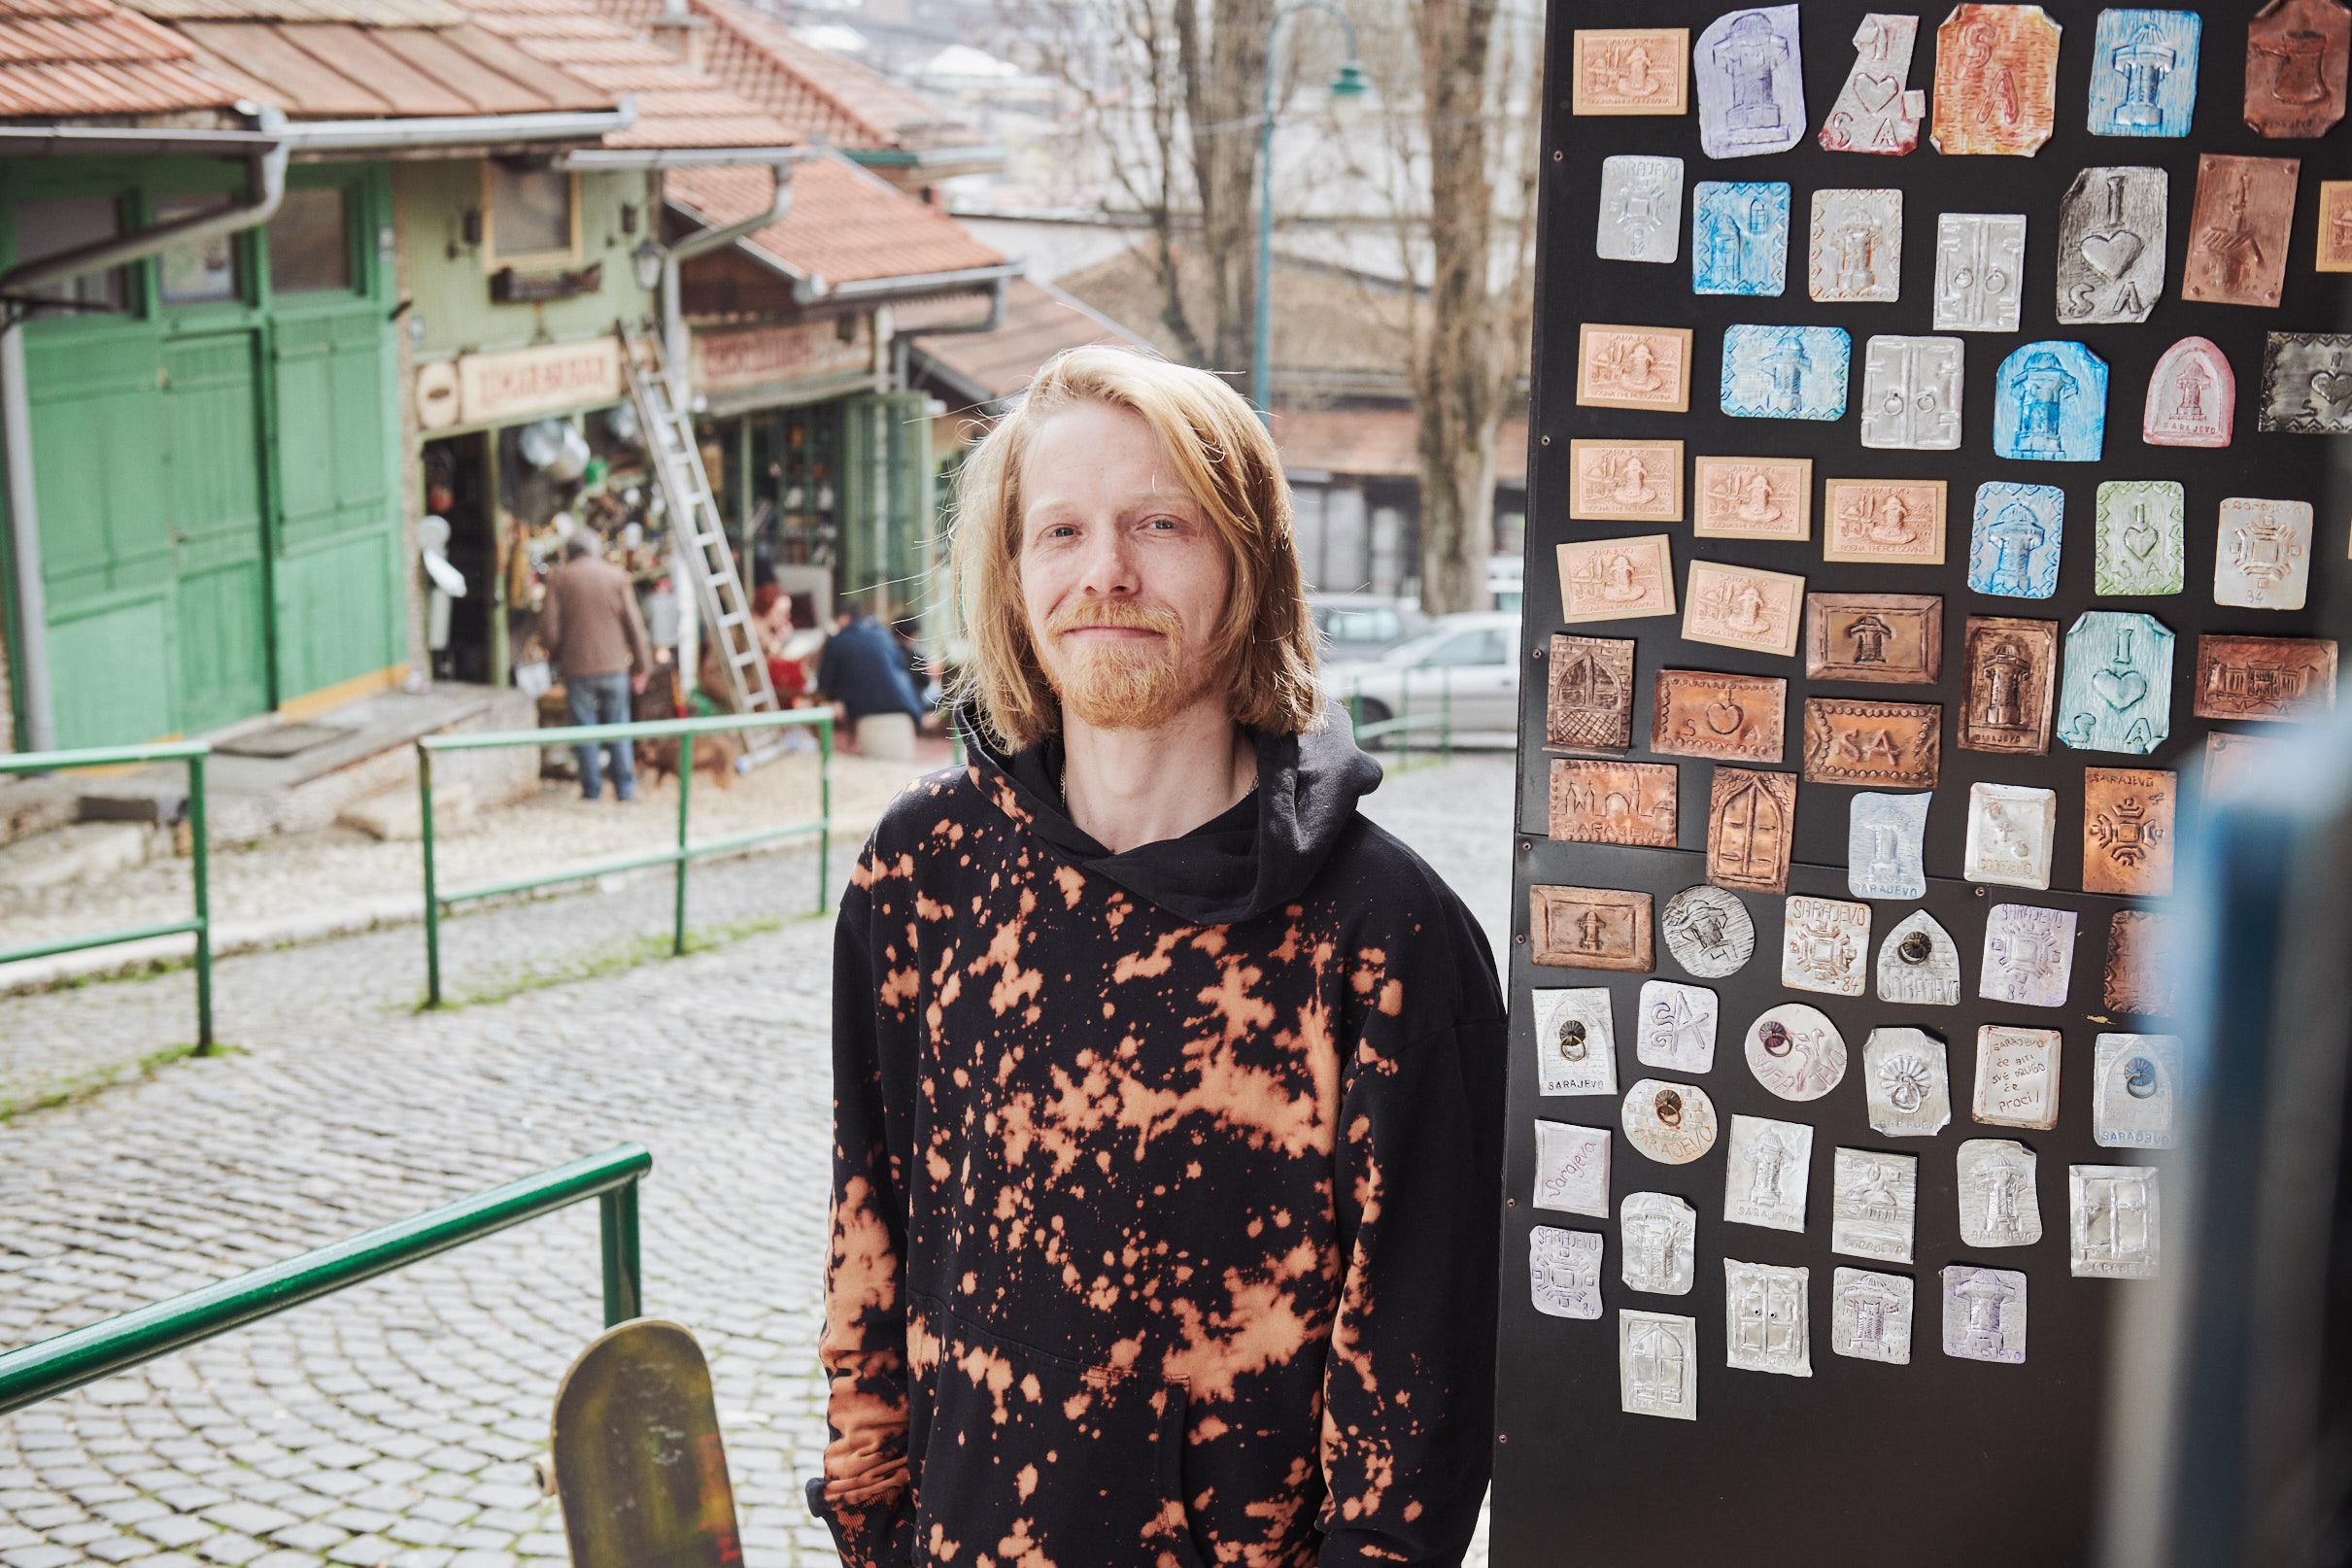 Kovaci Street in Sarajevo